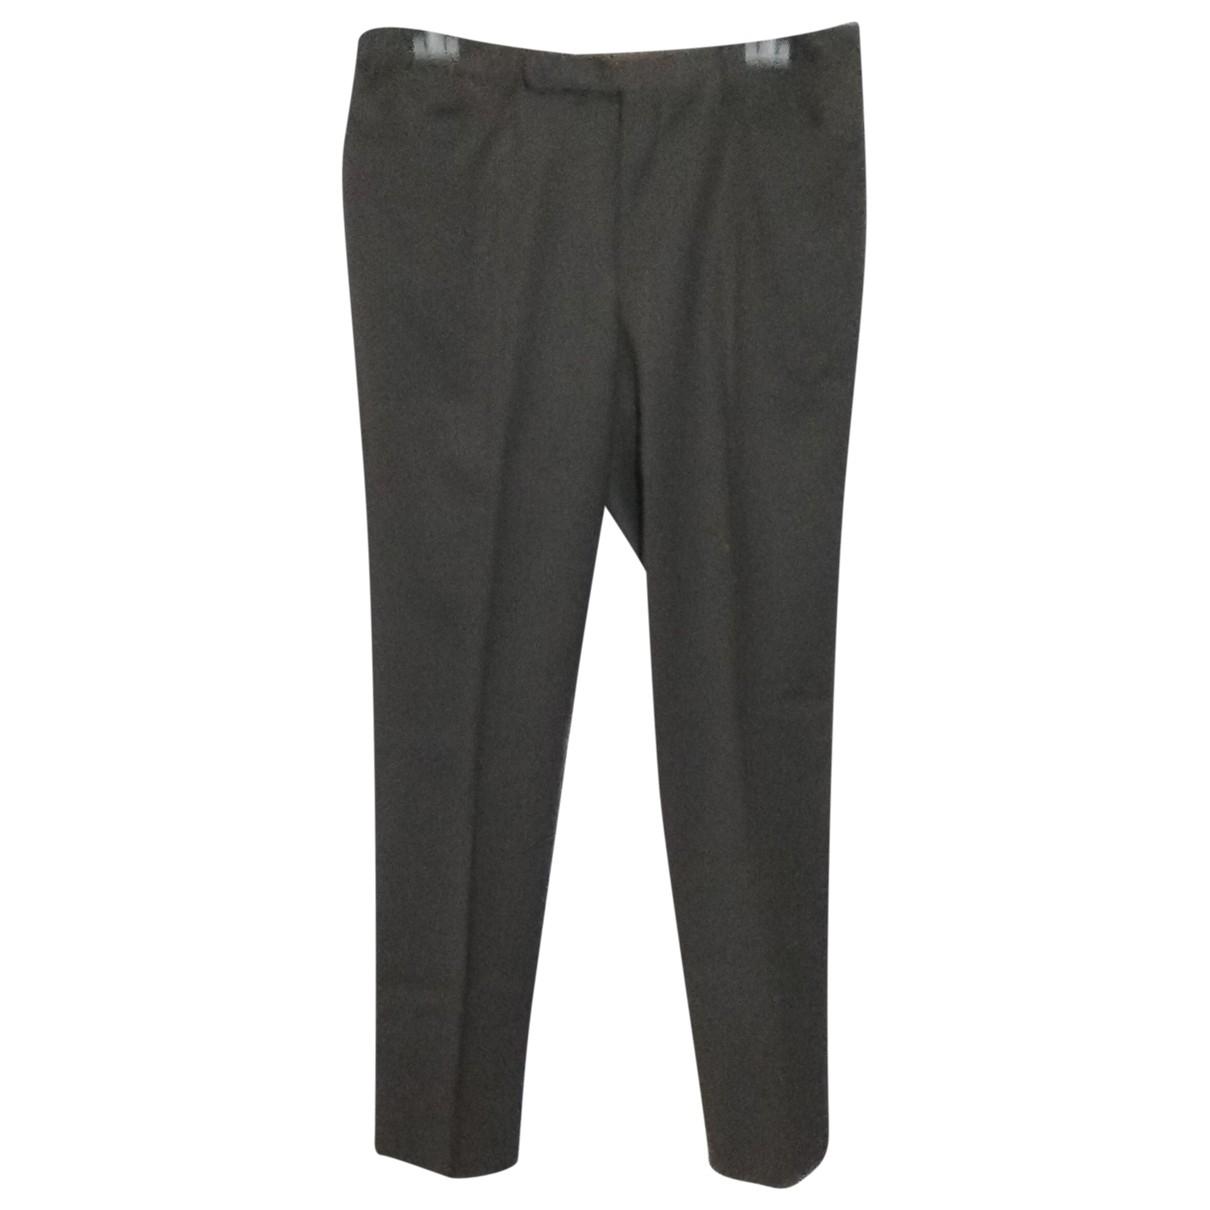 Pantalon de Lana Corneliani